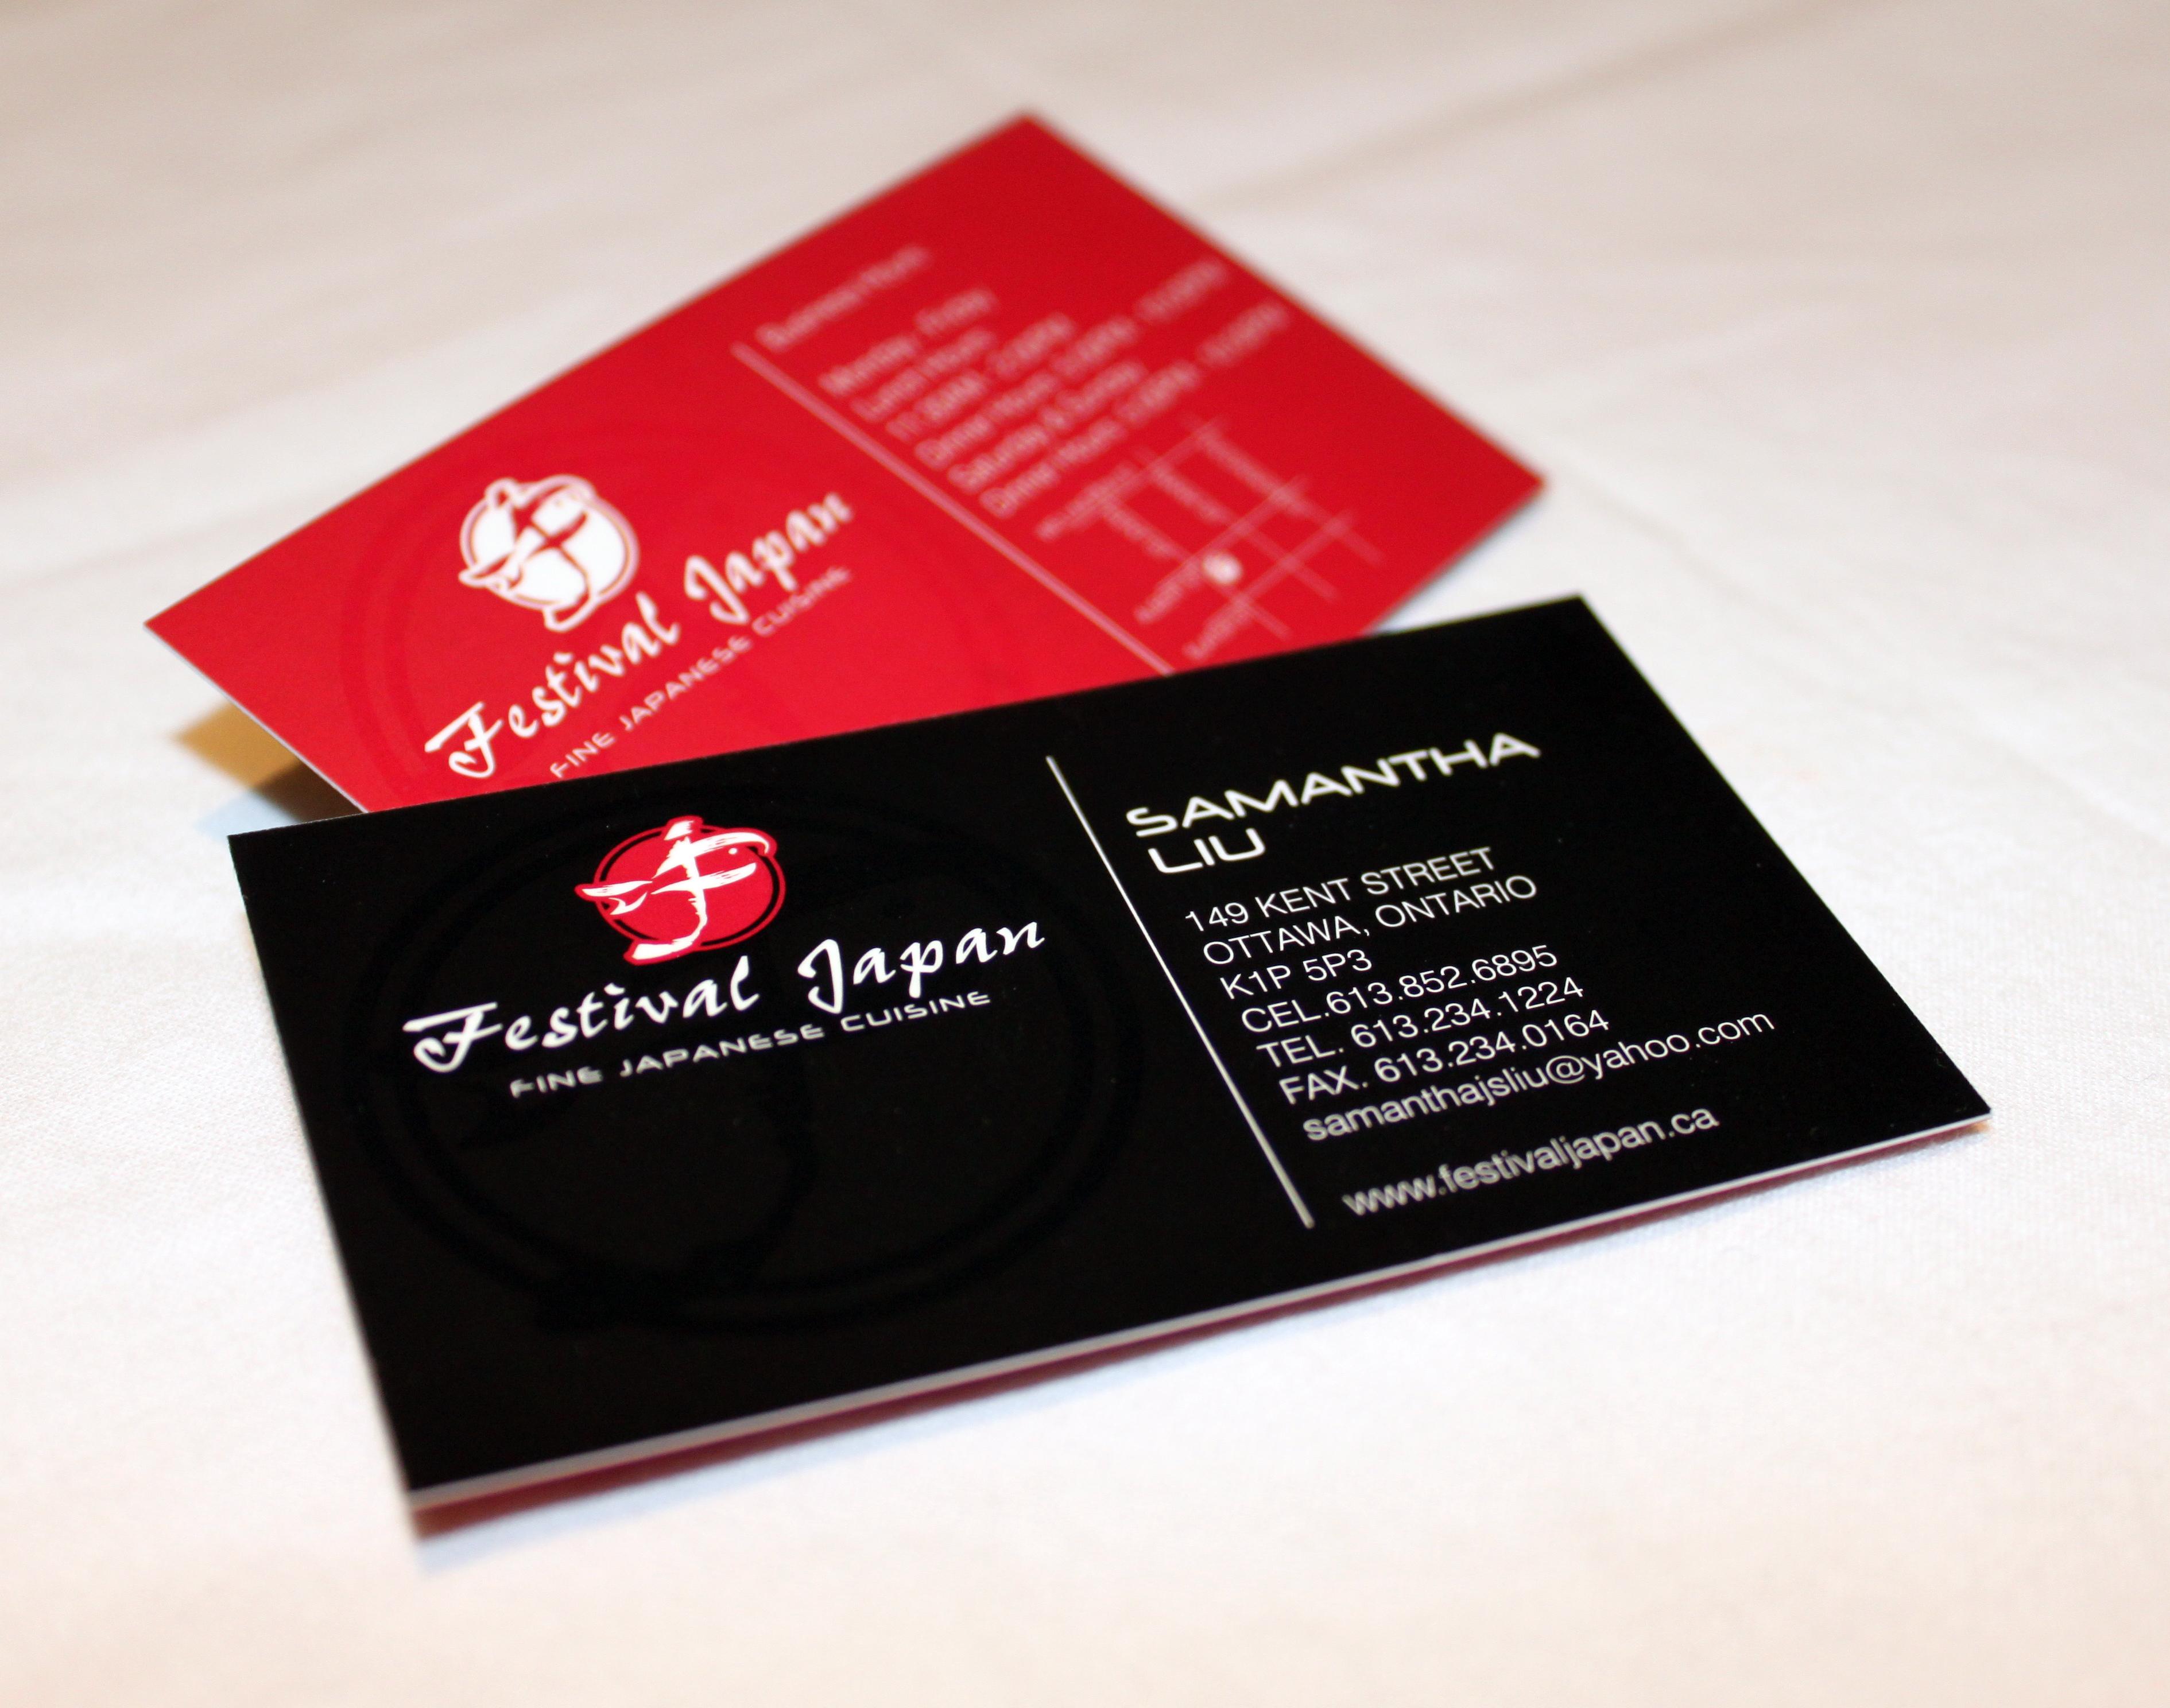 Festival Japan